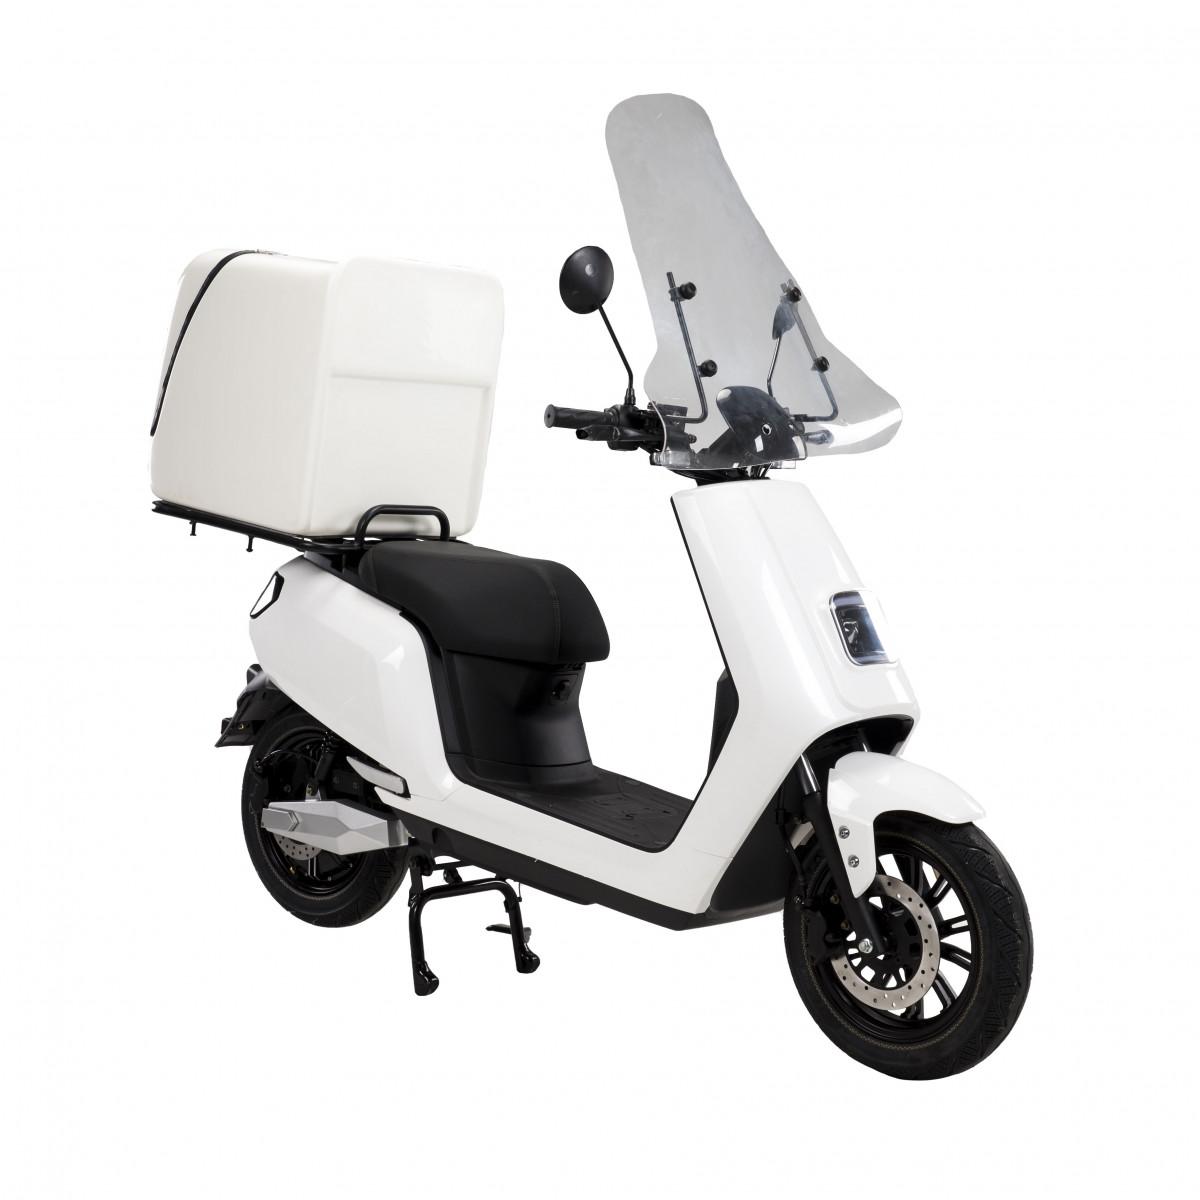 scooter électrique lve s5 d front